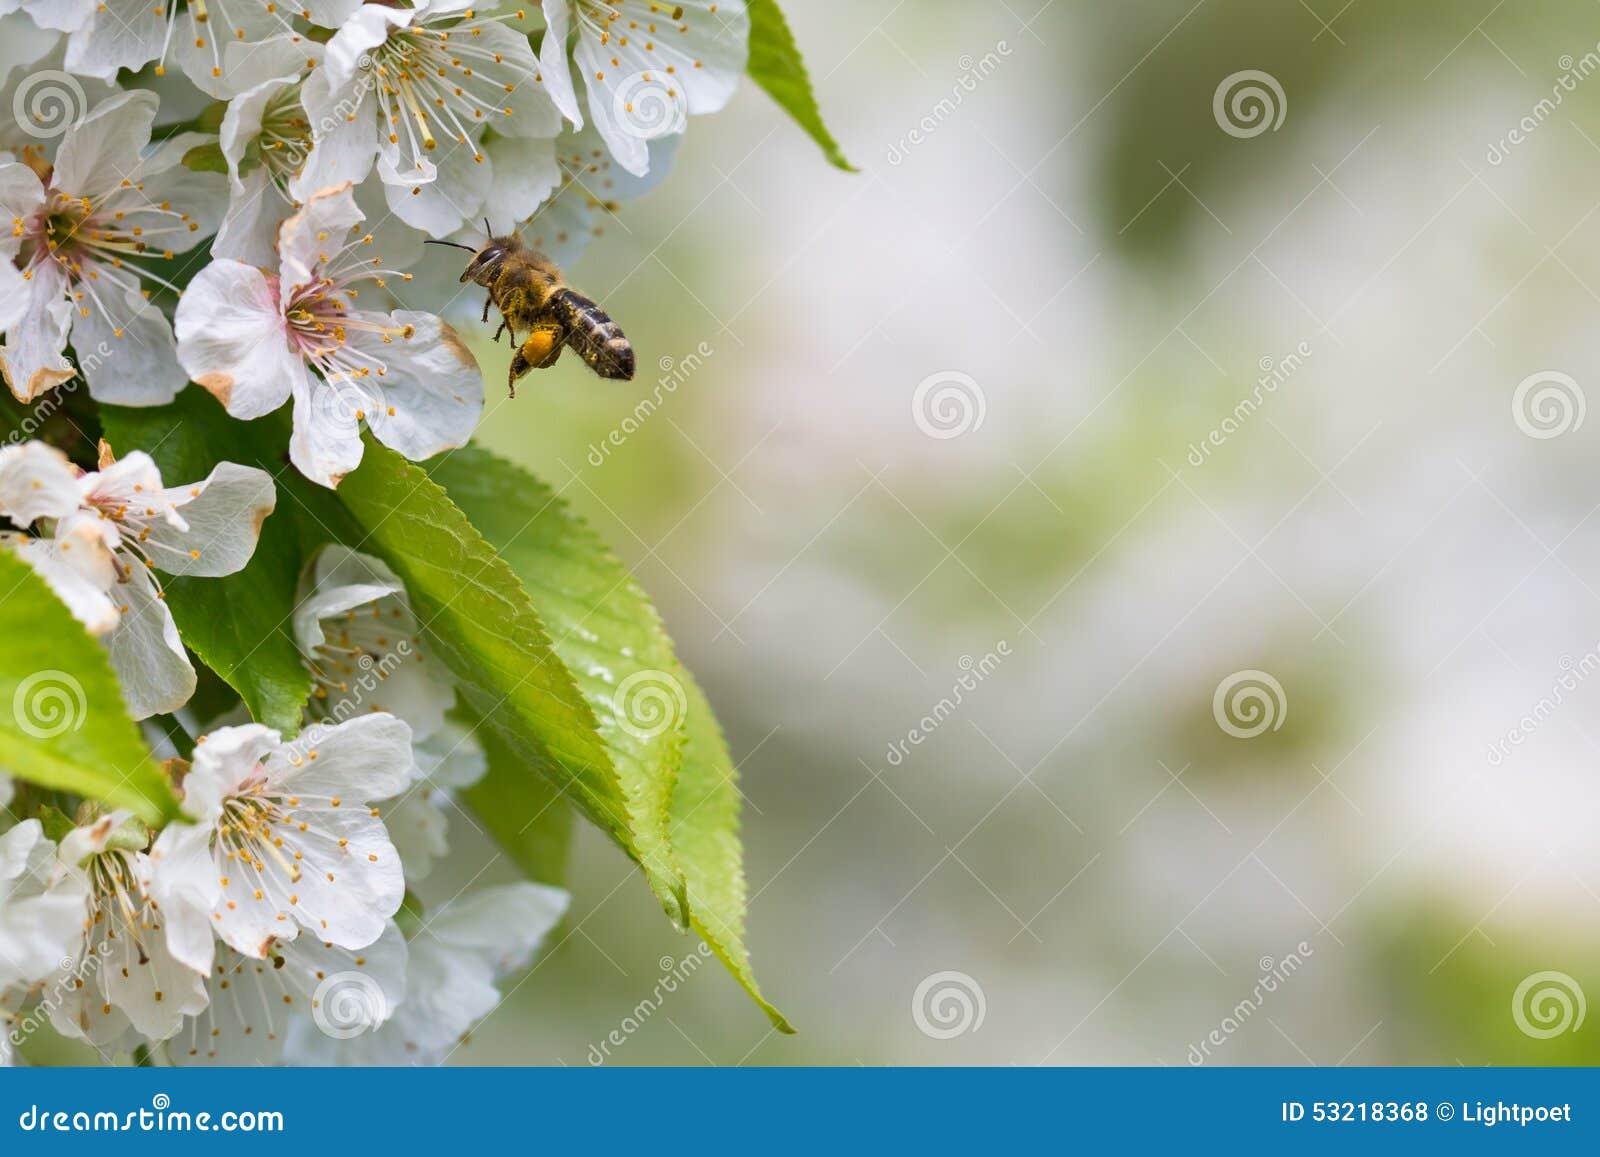 Honey bee in flight